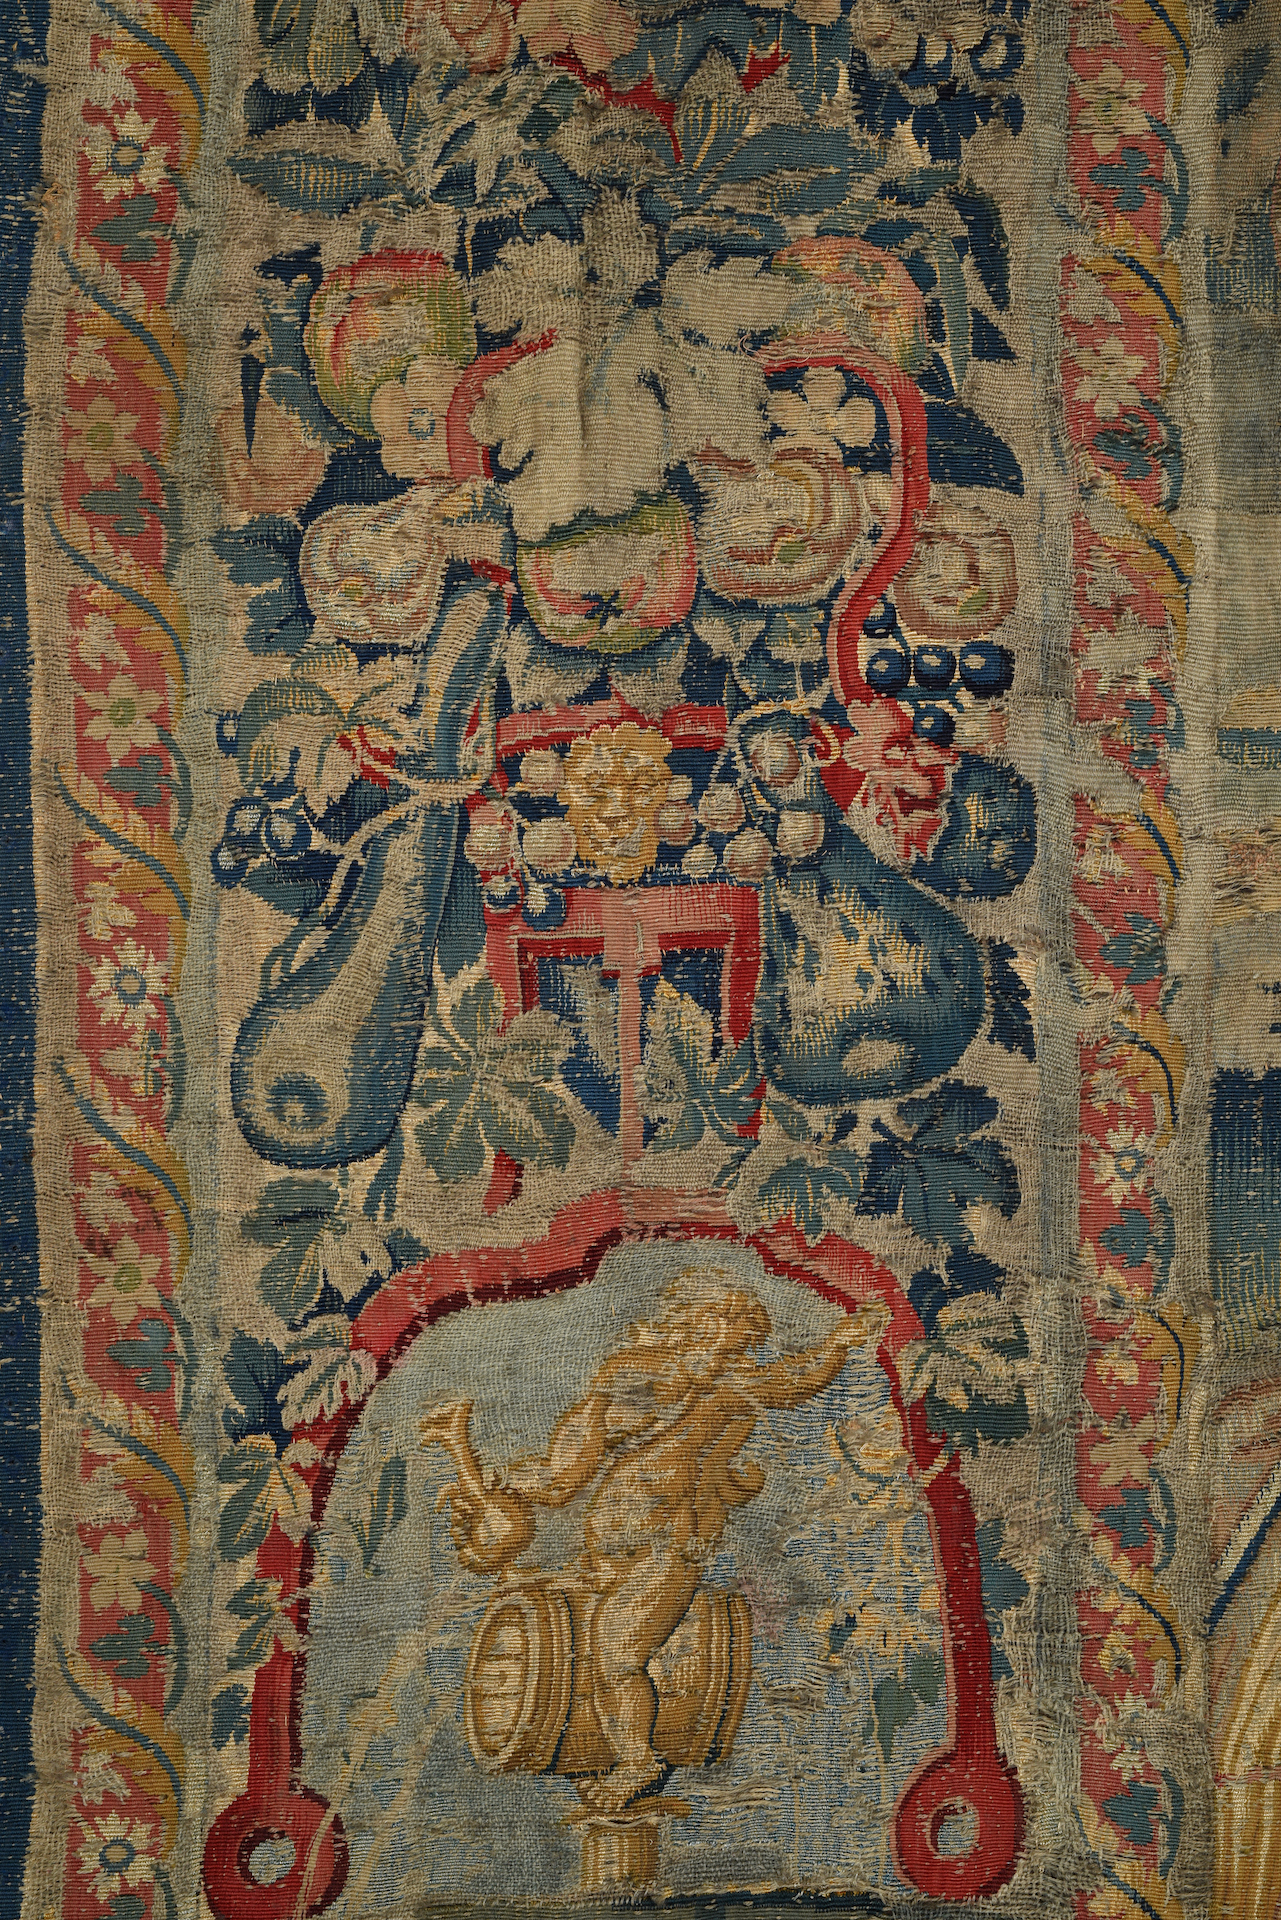 TAPISSERIE en laine et soie faisant partie d'une tenture de l'Histoire de Moïse. Au centre, Moïse, à - Image 2 of 4